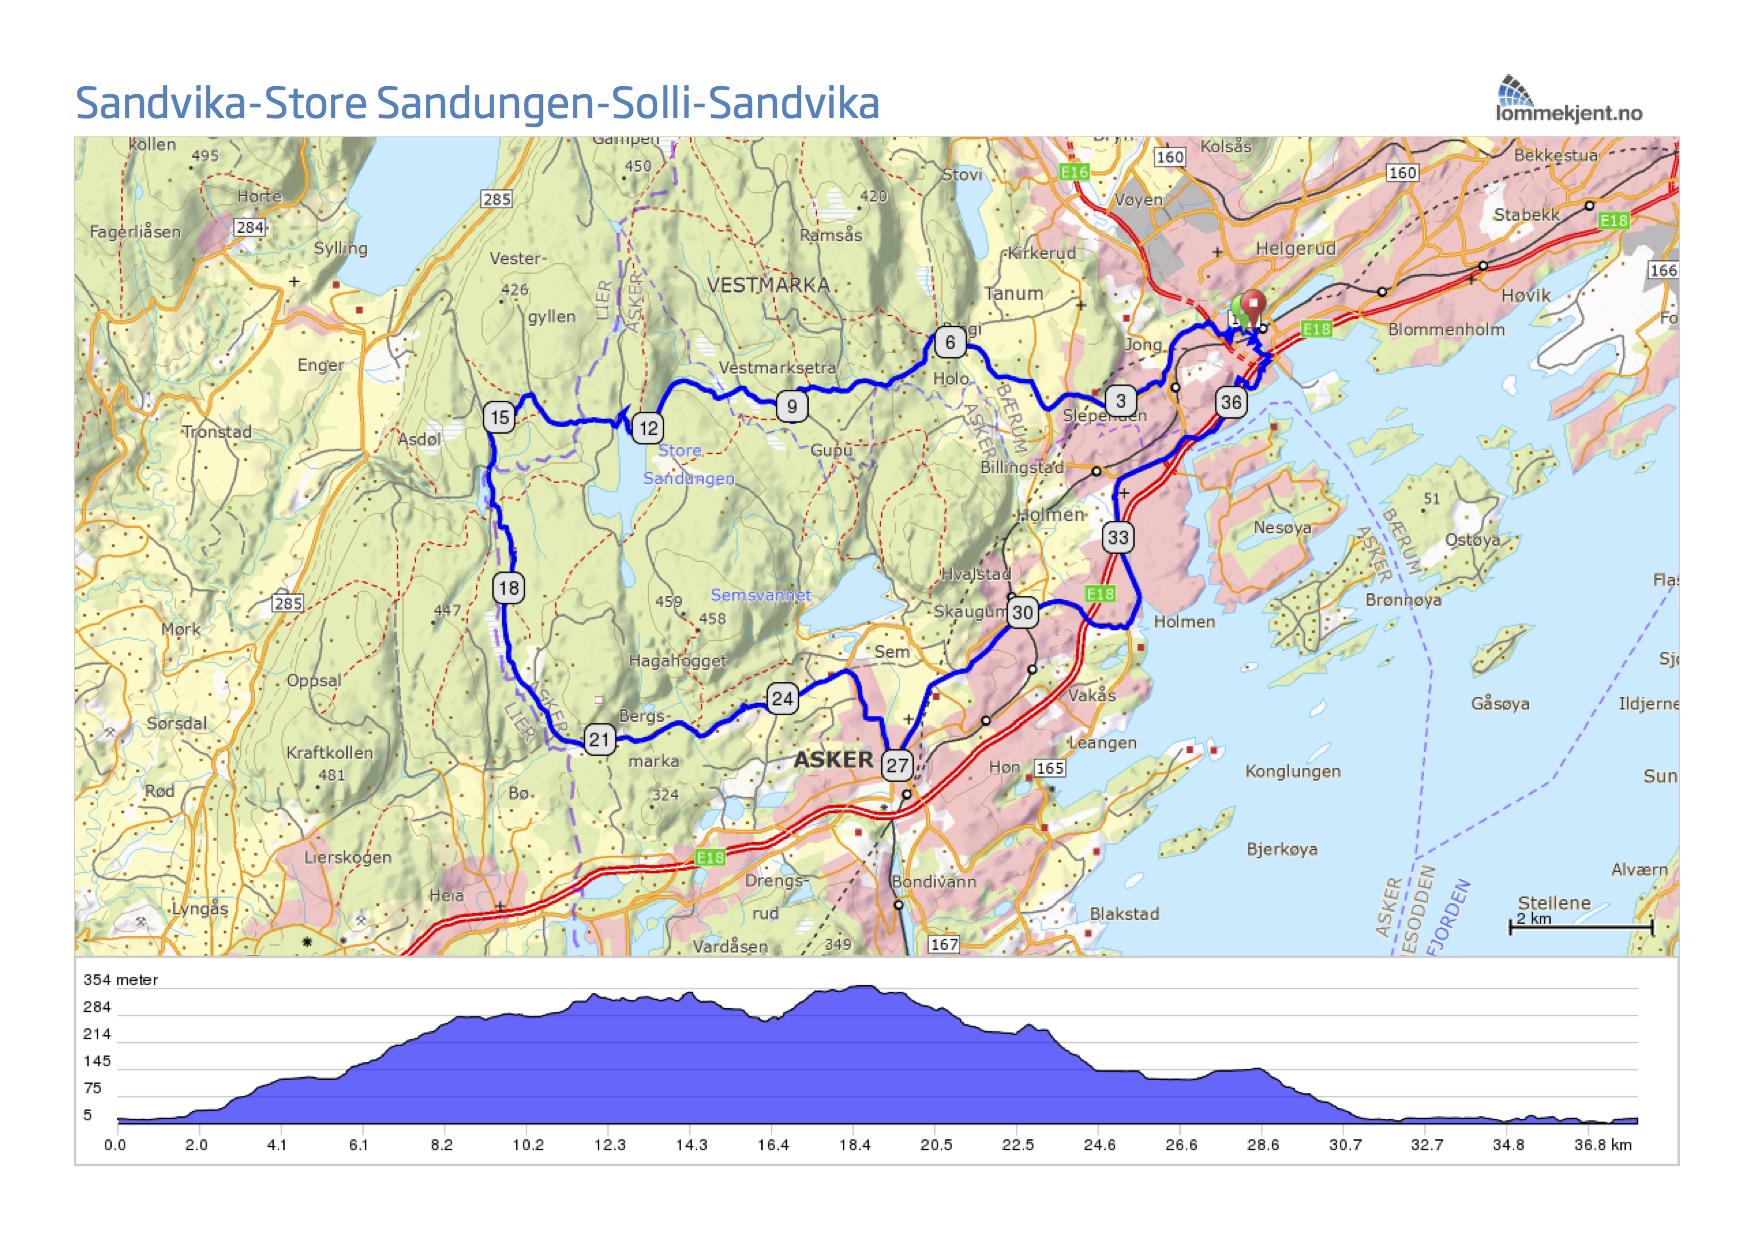 sandvika kart Fra Sandvika til Store Sandungen